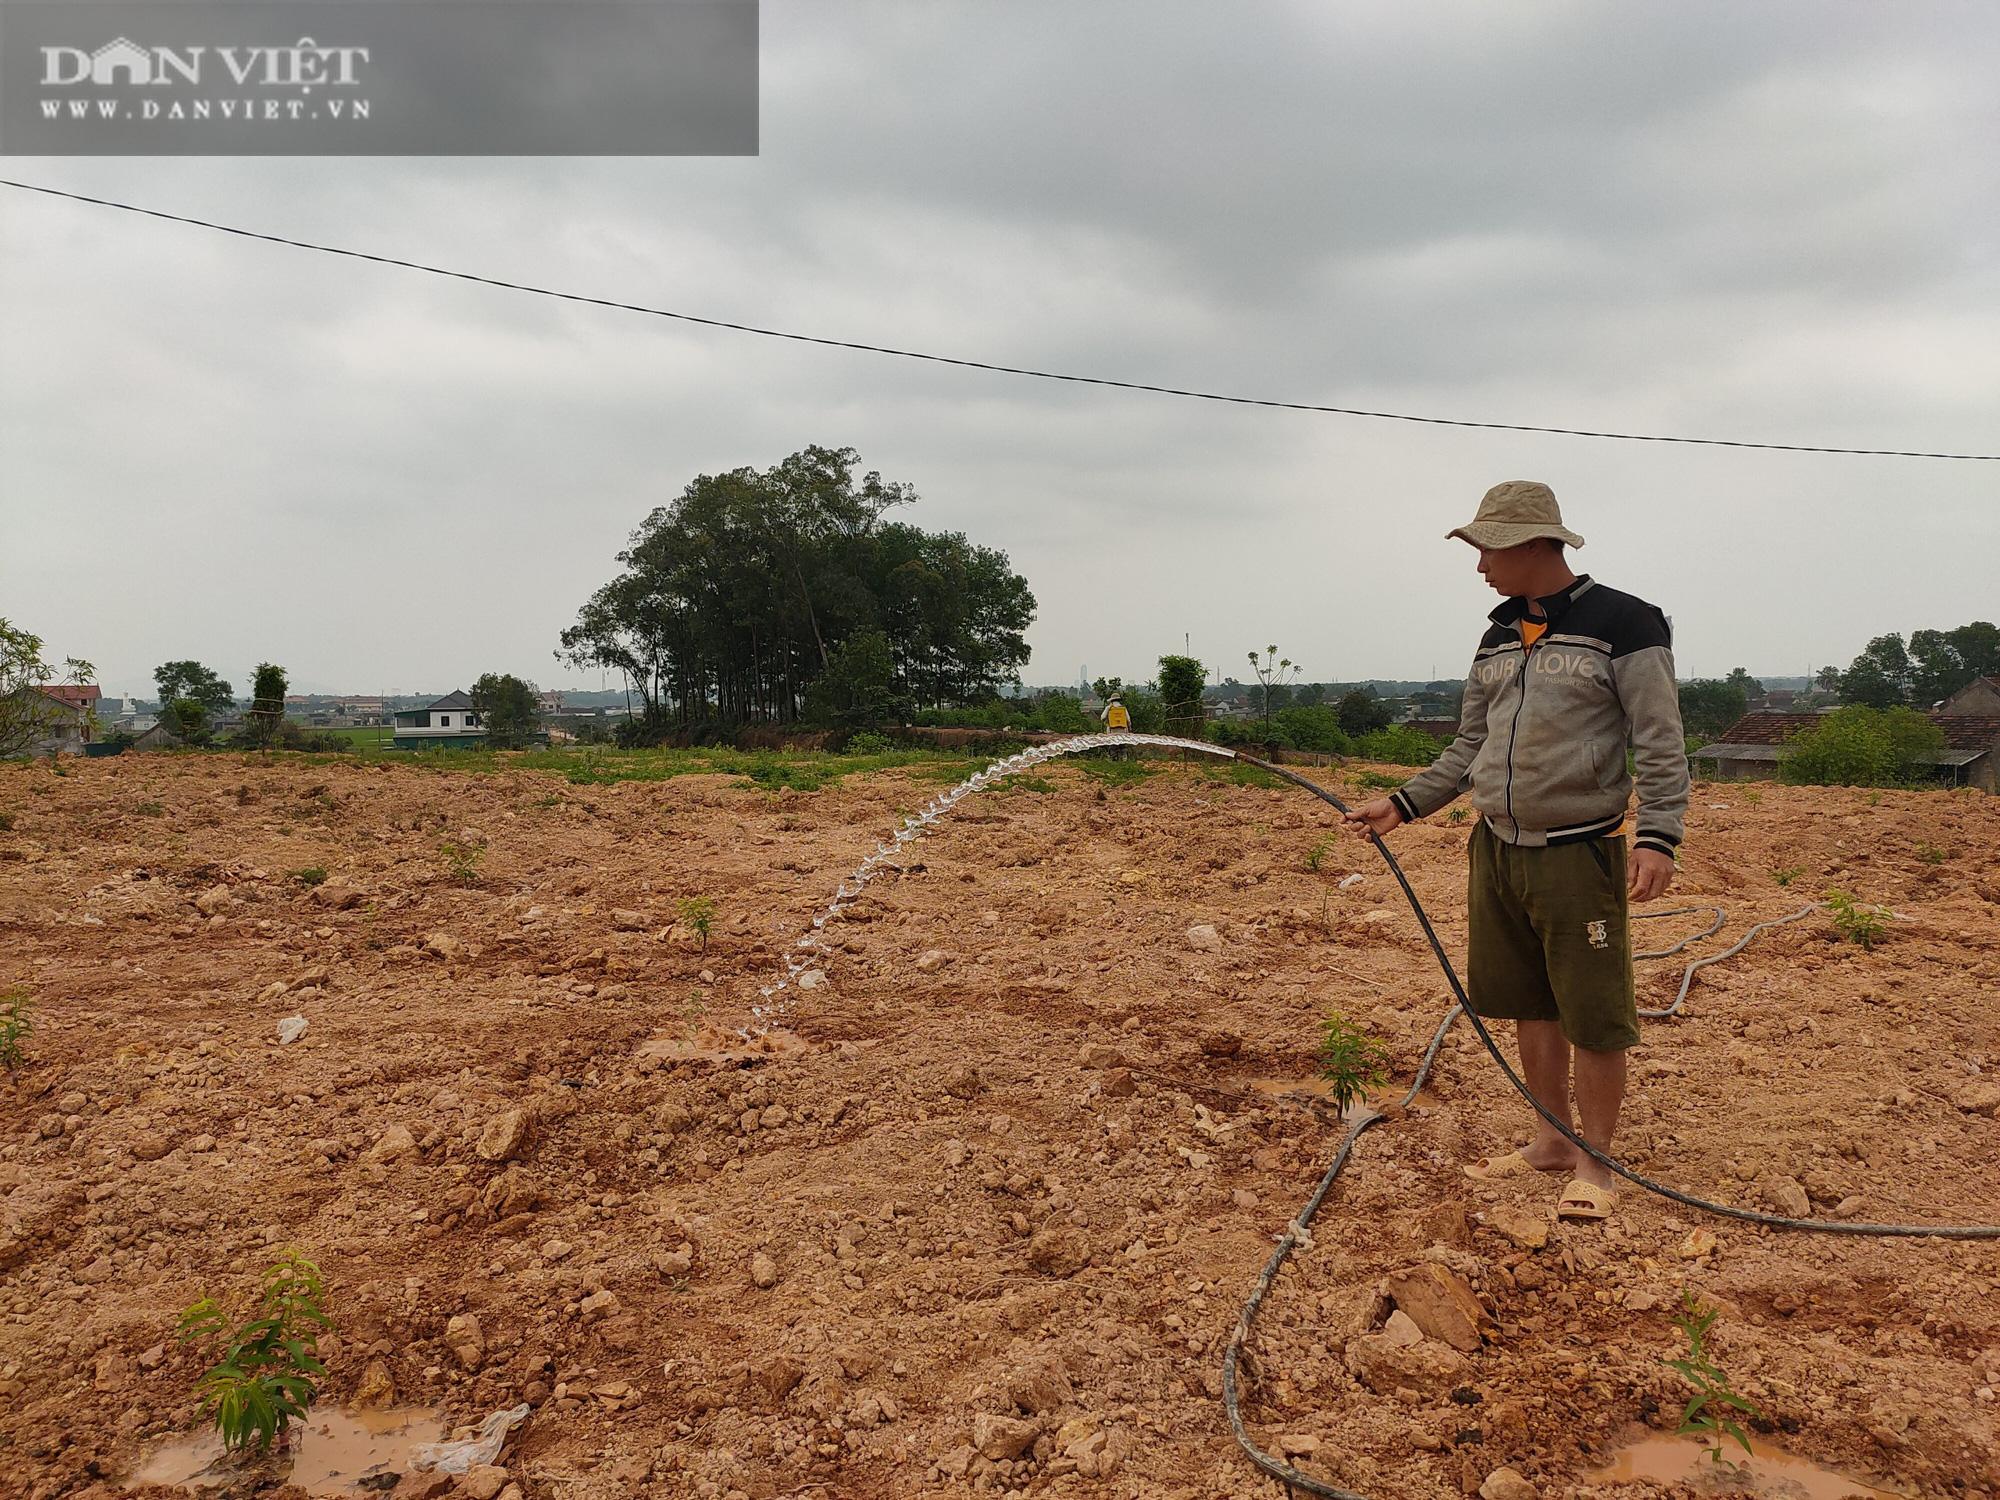 Clip: Nông dân Hà Tĩnh tất bật vào vụ đào mới - Ảnh 4.